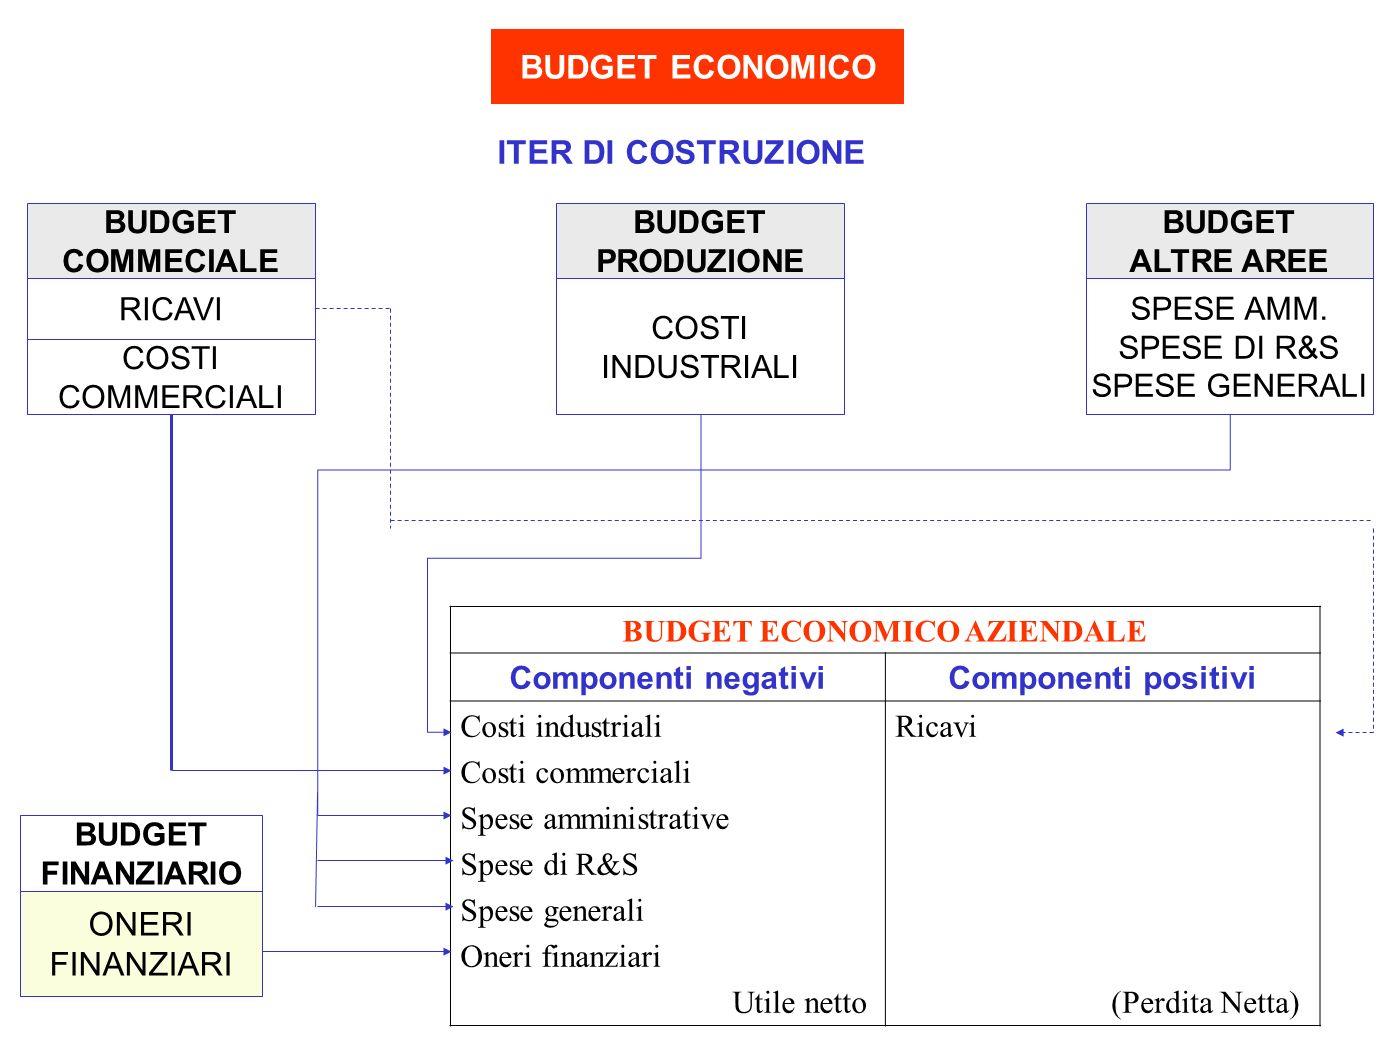 BUDGET ECONOMICO AZIENDALE